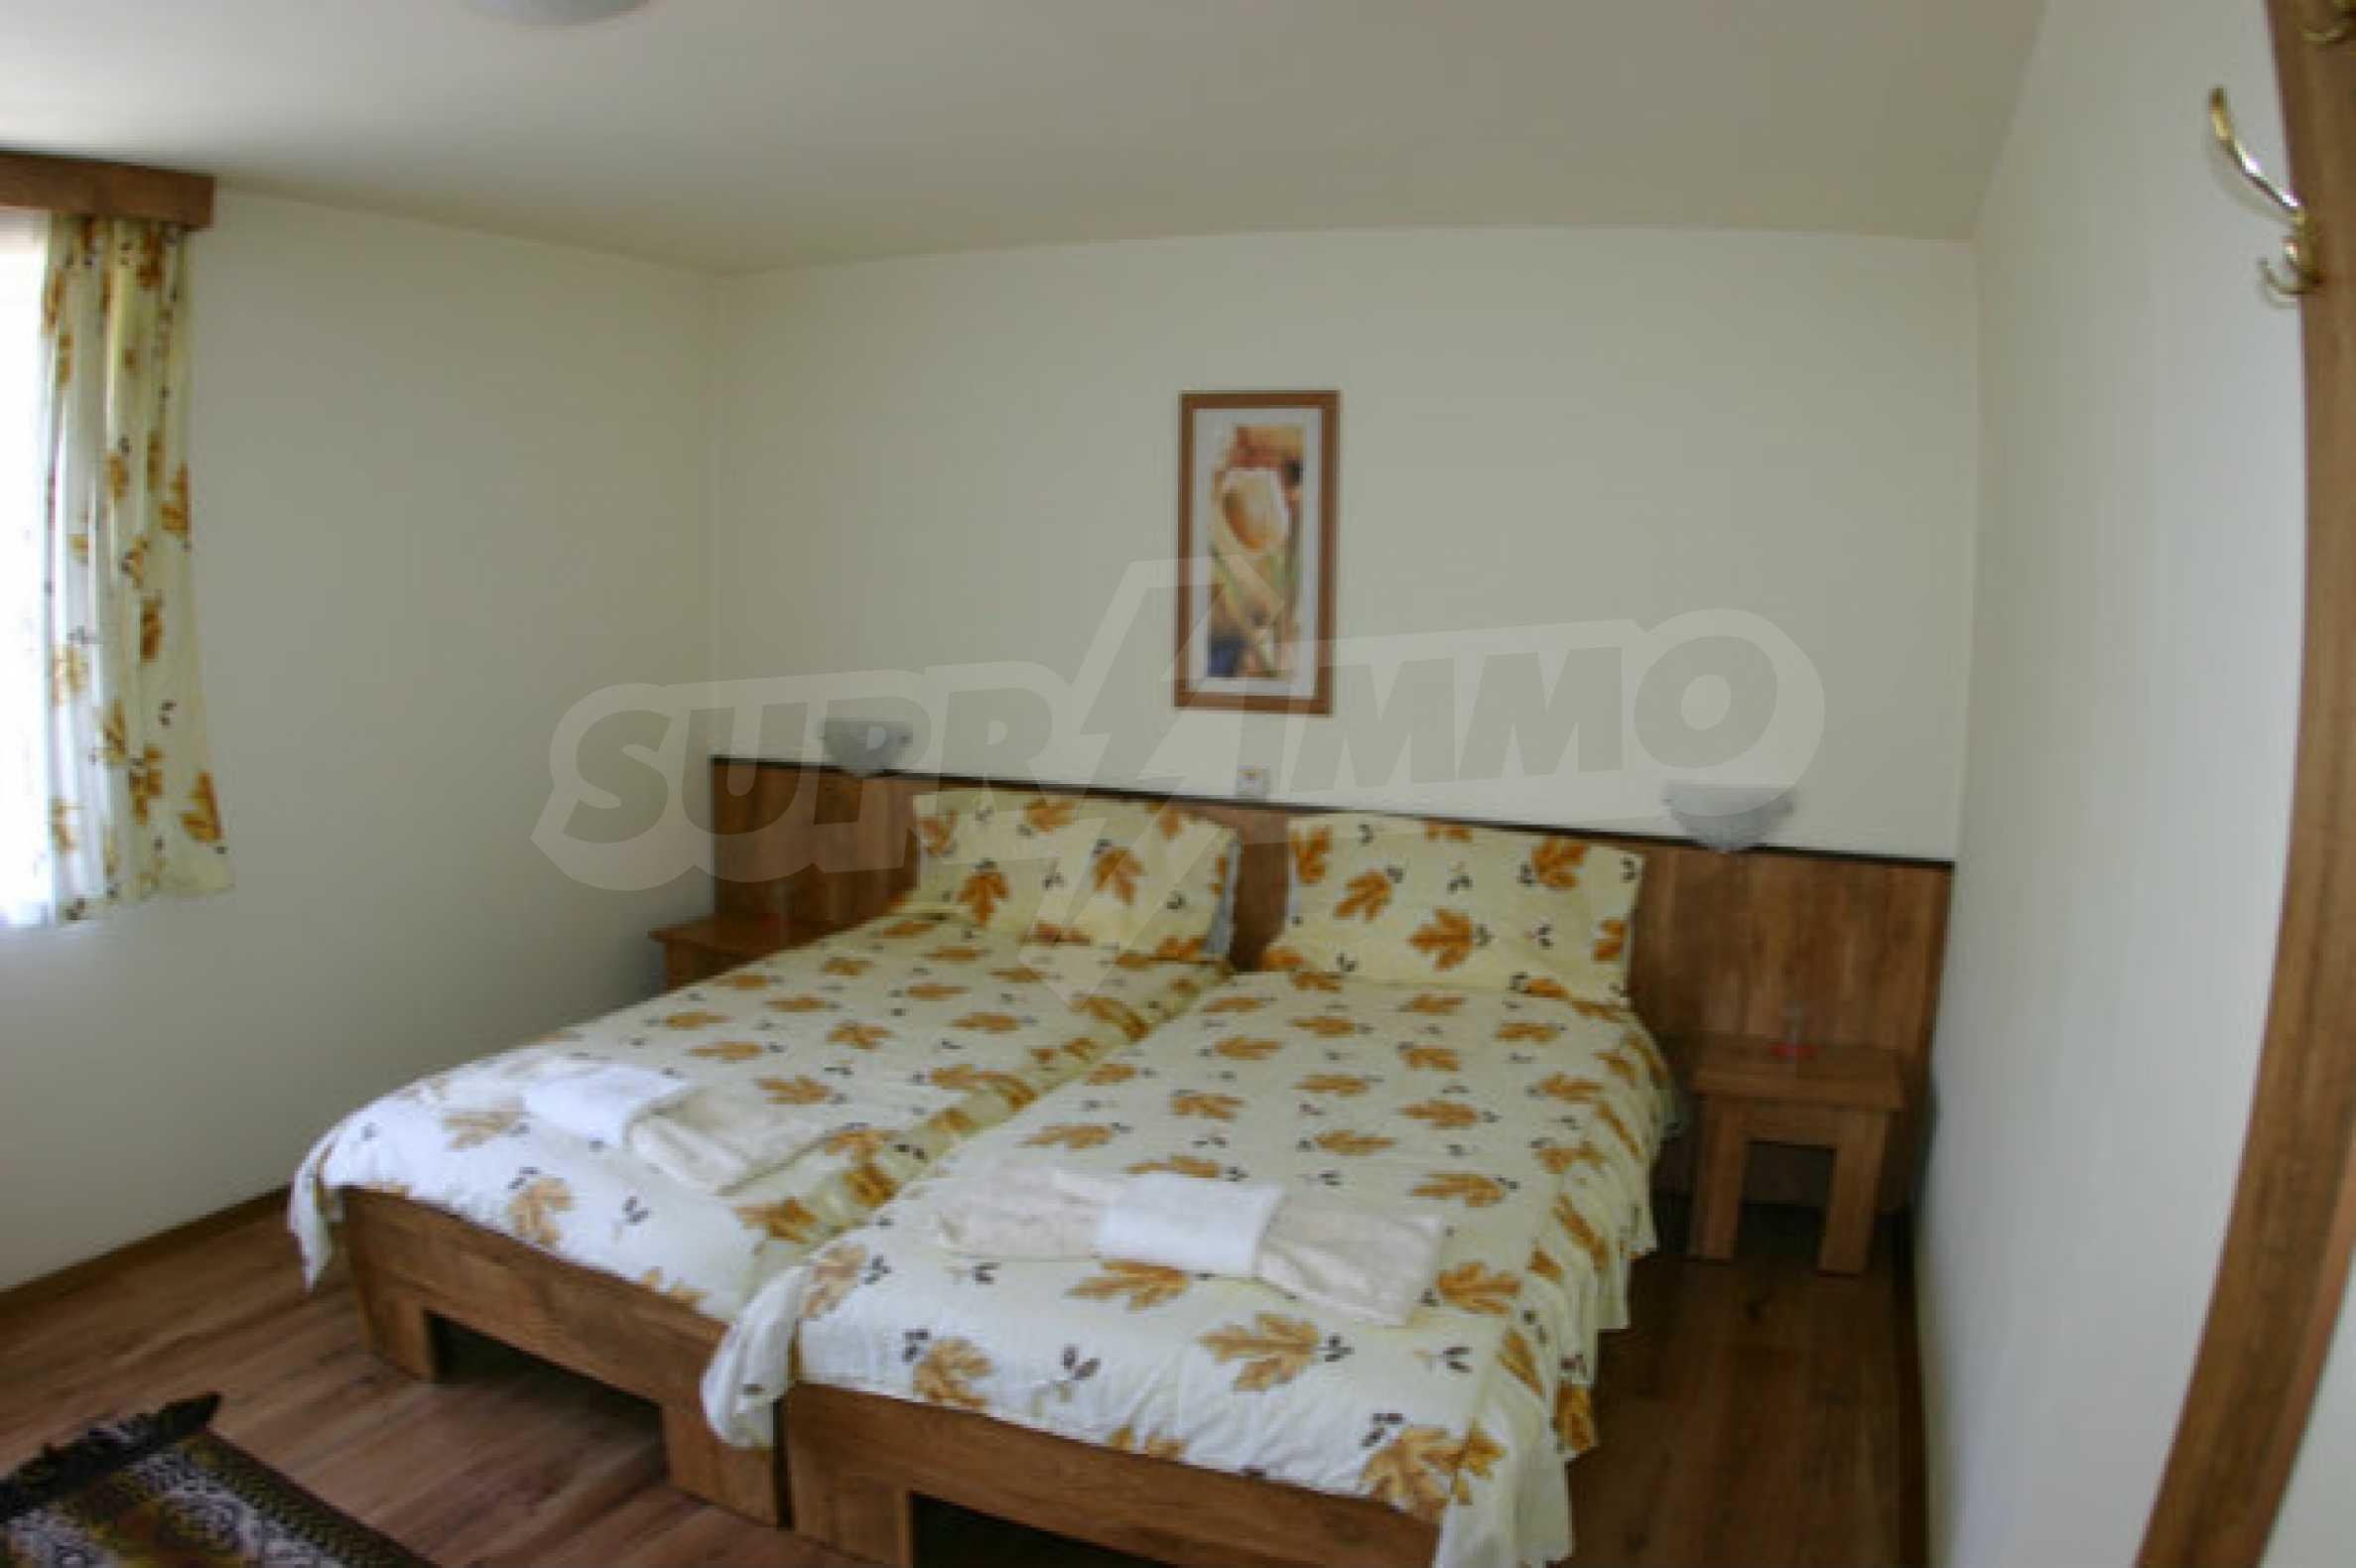 Familienhotel zum Verkauf in Dobrinischte, 6 km von Bansko entfernt 25